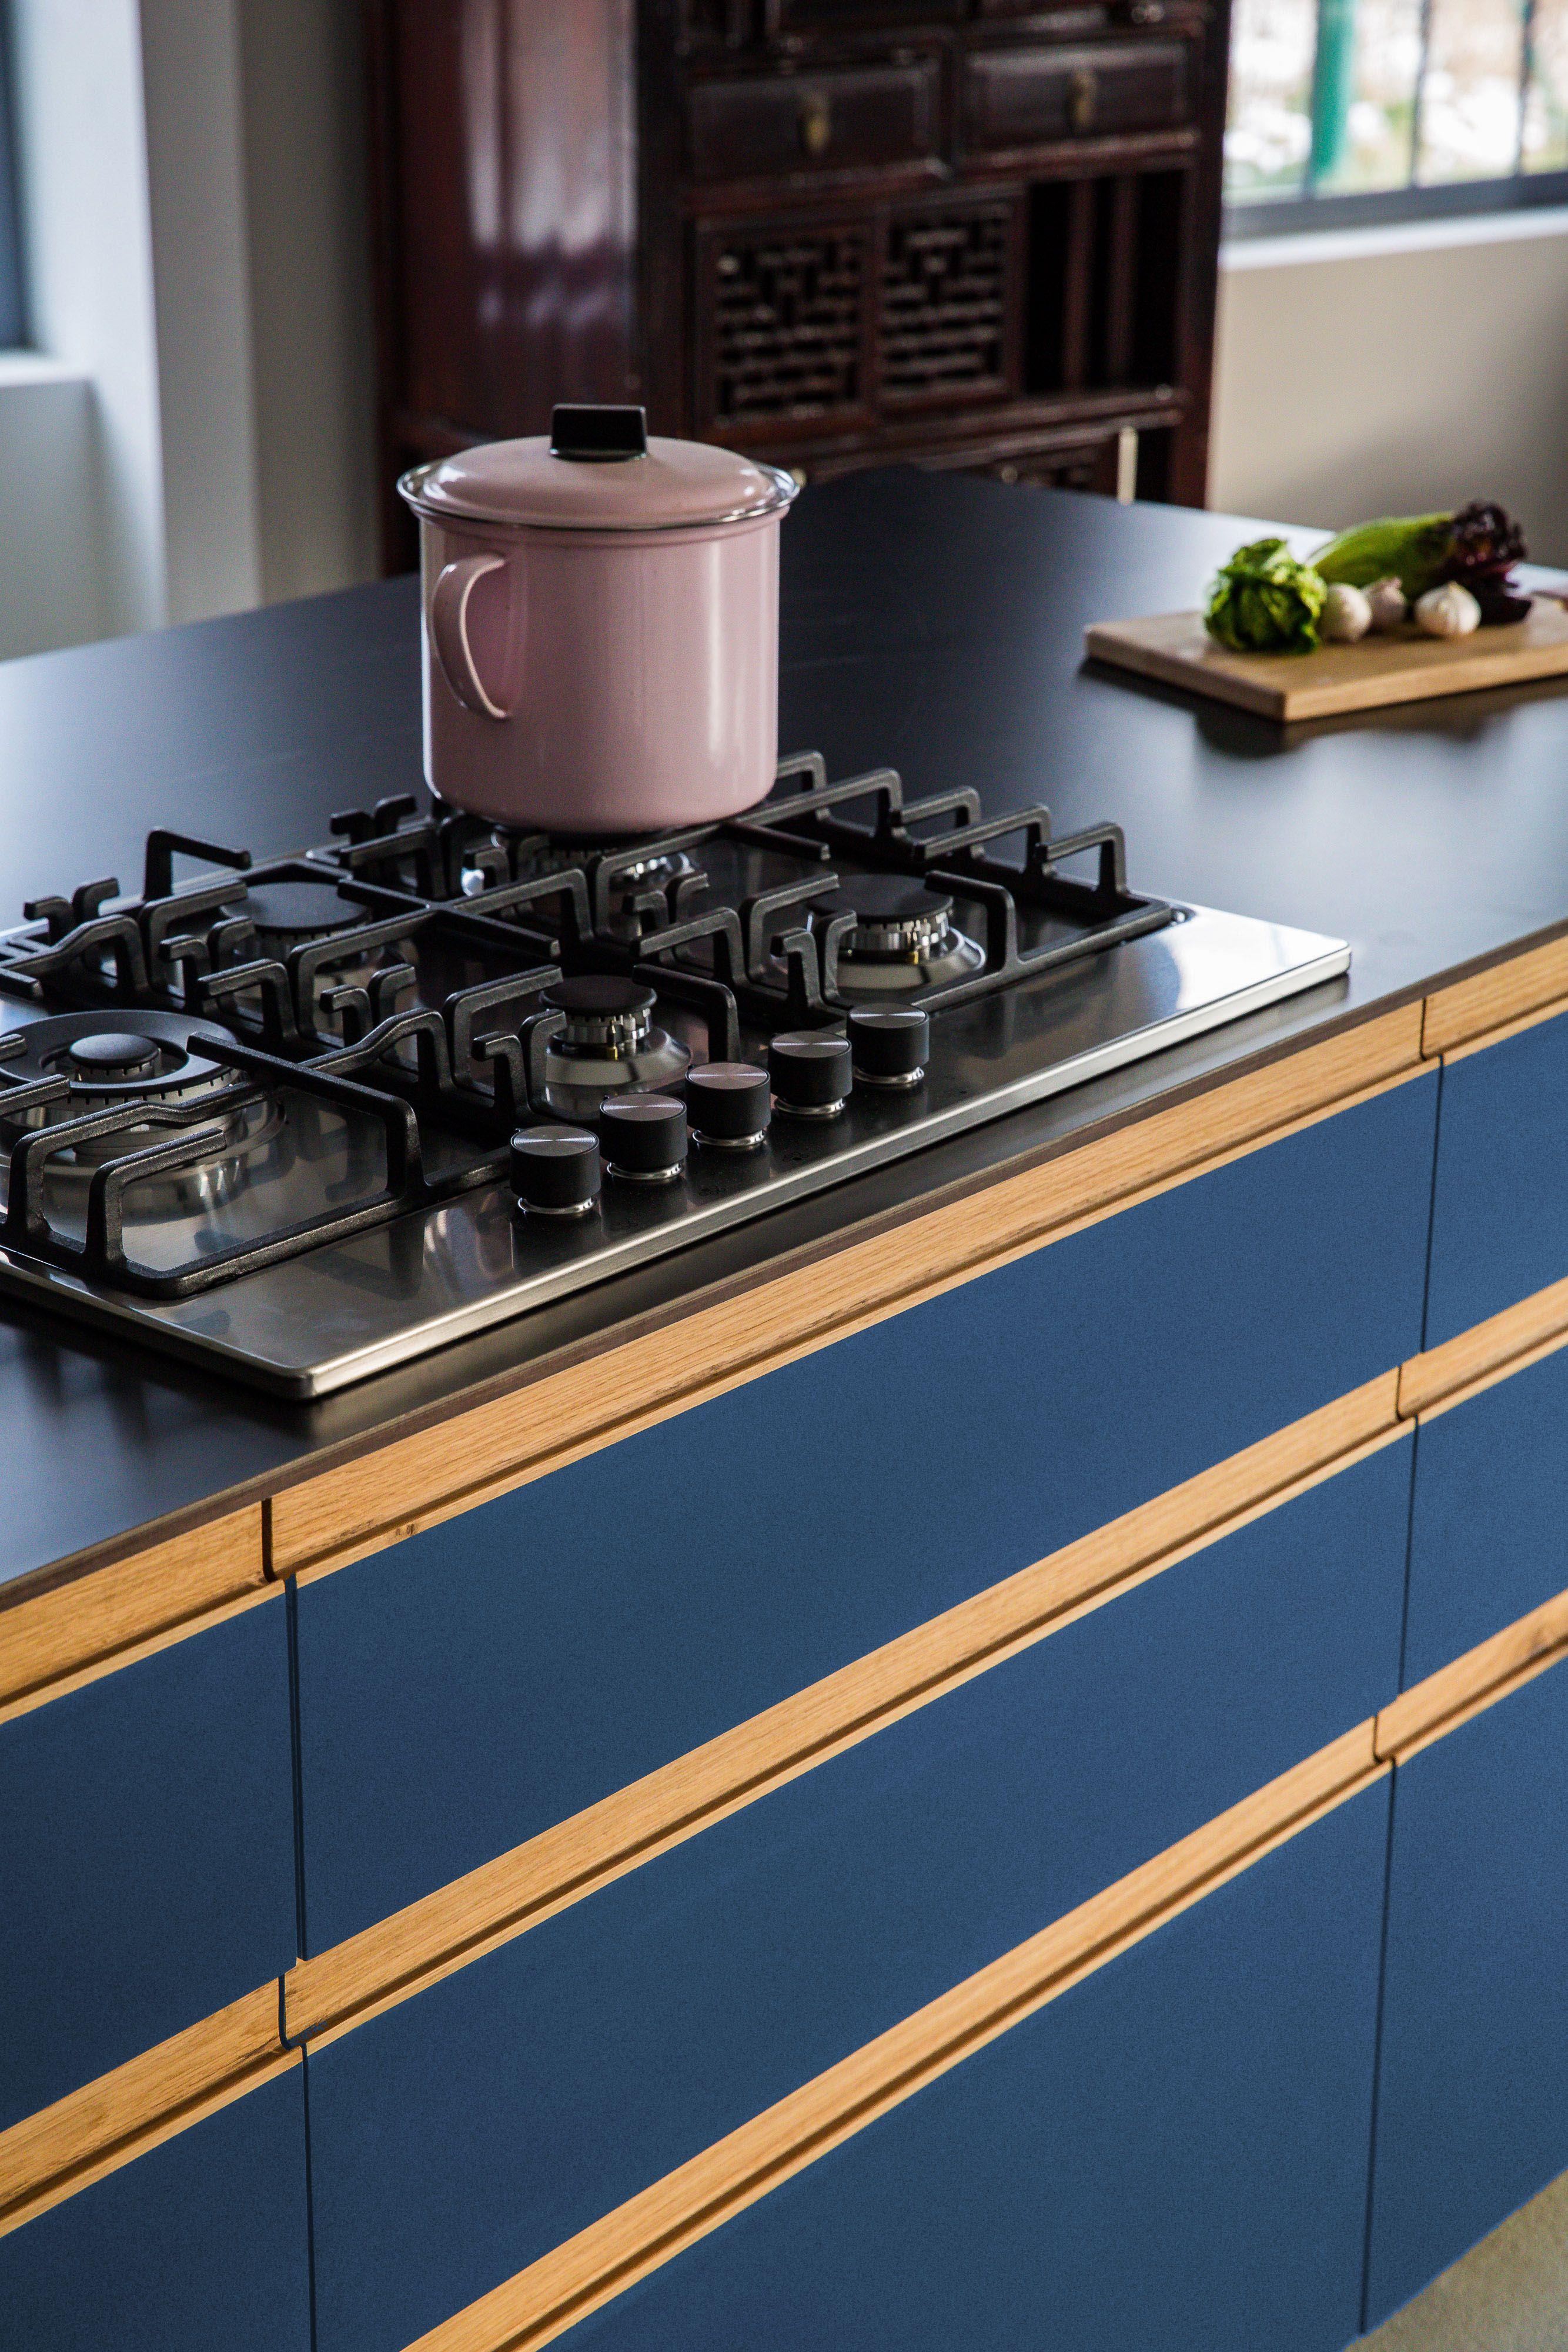 Design Blue St Linoleum Auf Multiplex Mit Griffleisten Aus Eiche Massiv Mit Bildern Kuchen Fronten Kuche